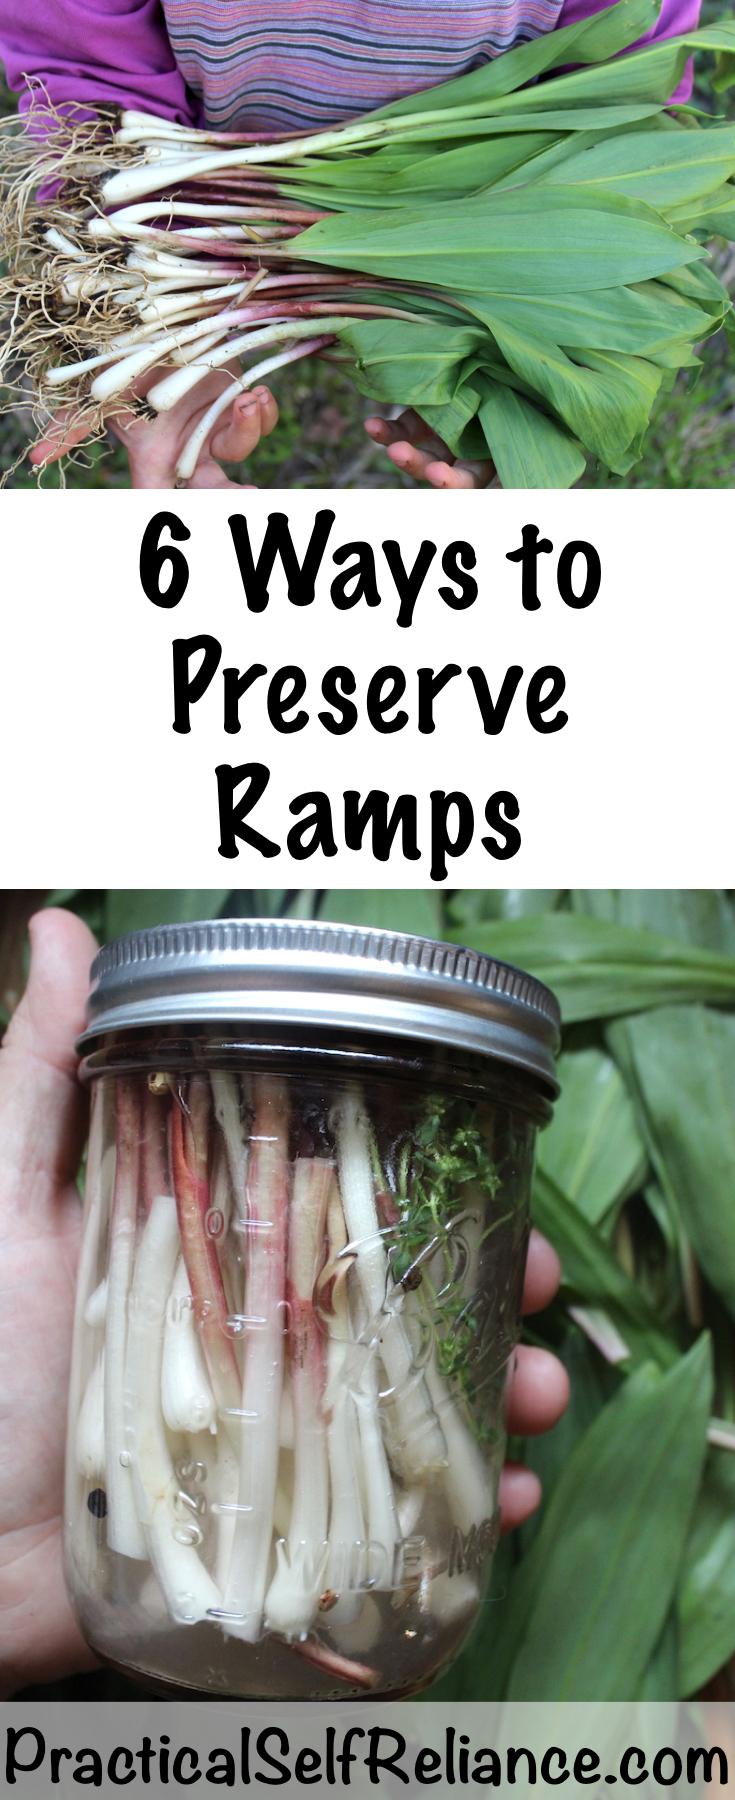 6 Ways to Preserve Ramps (Wild Leeks)